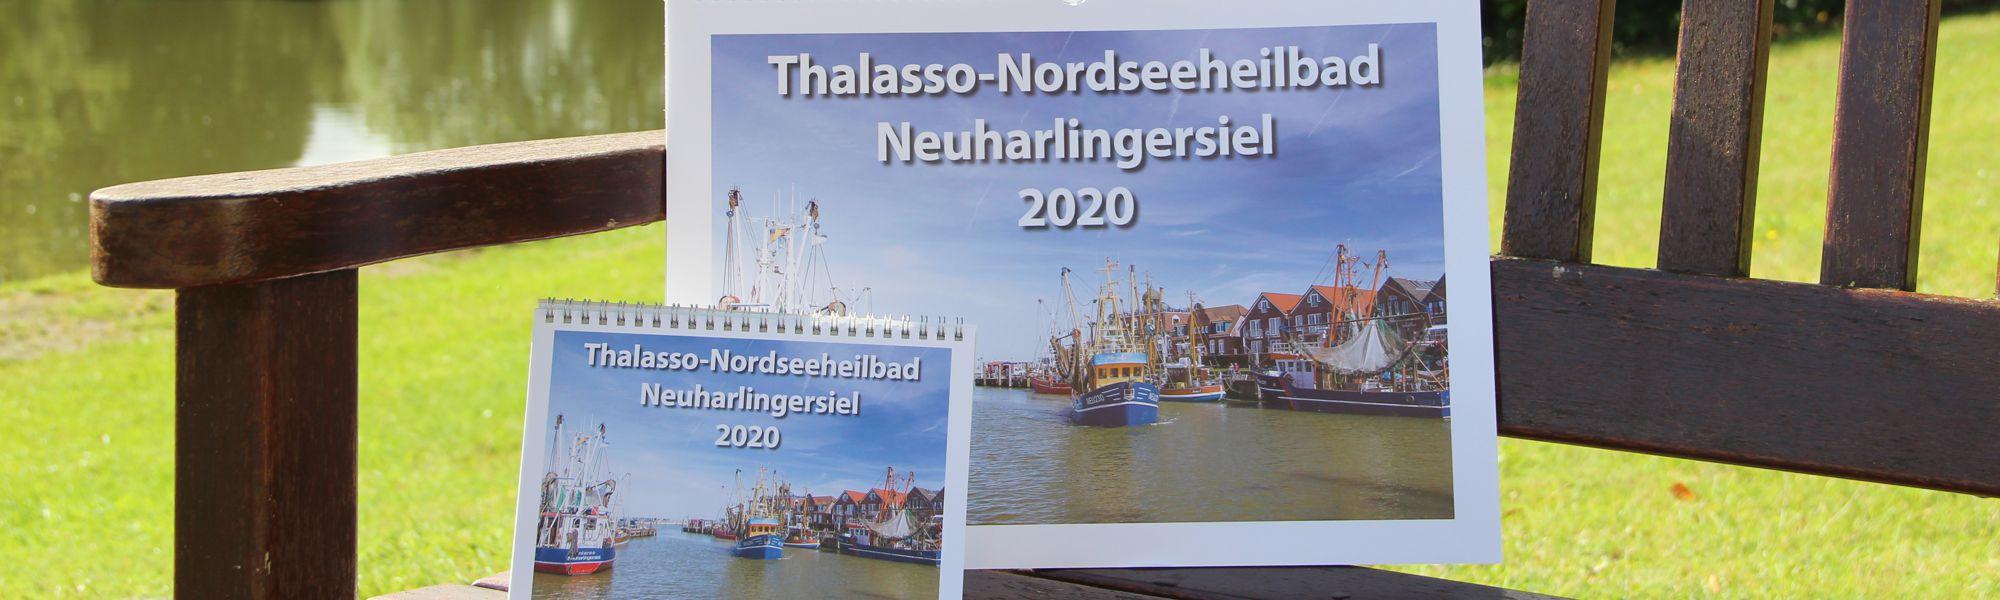 Neuharlingersiel Kalender 2020